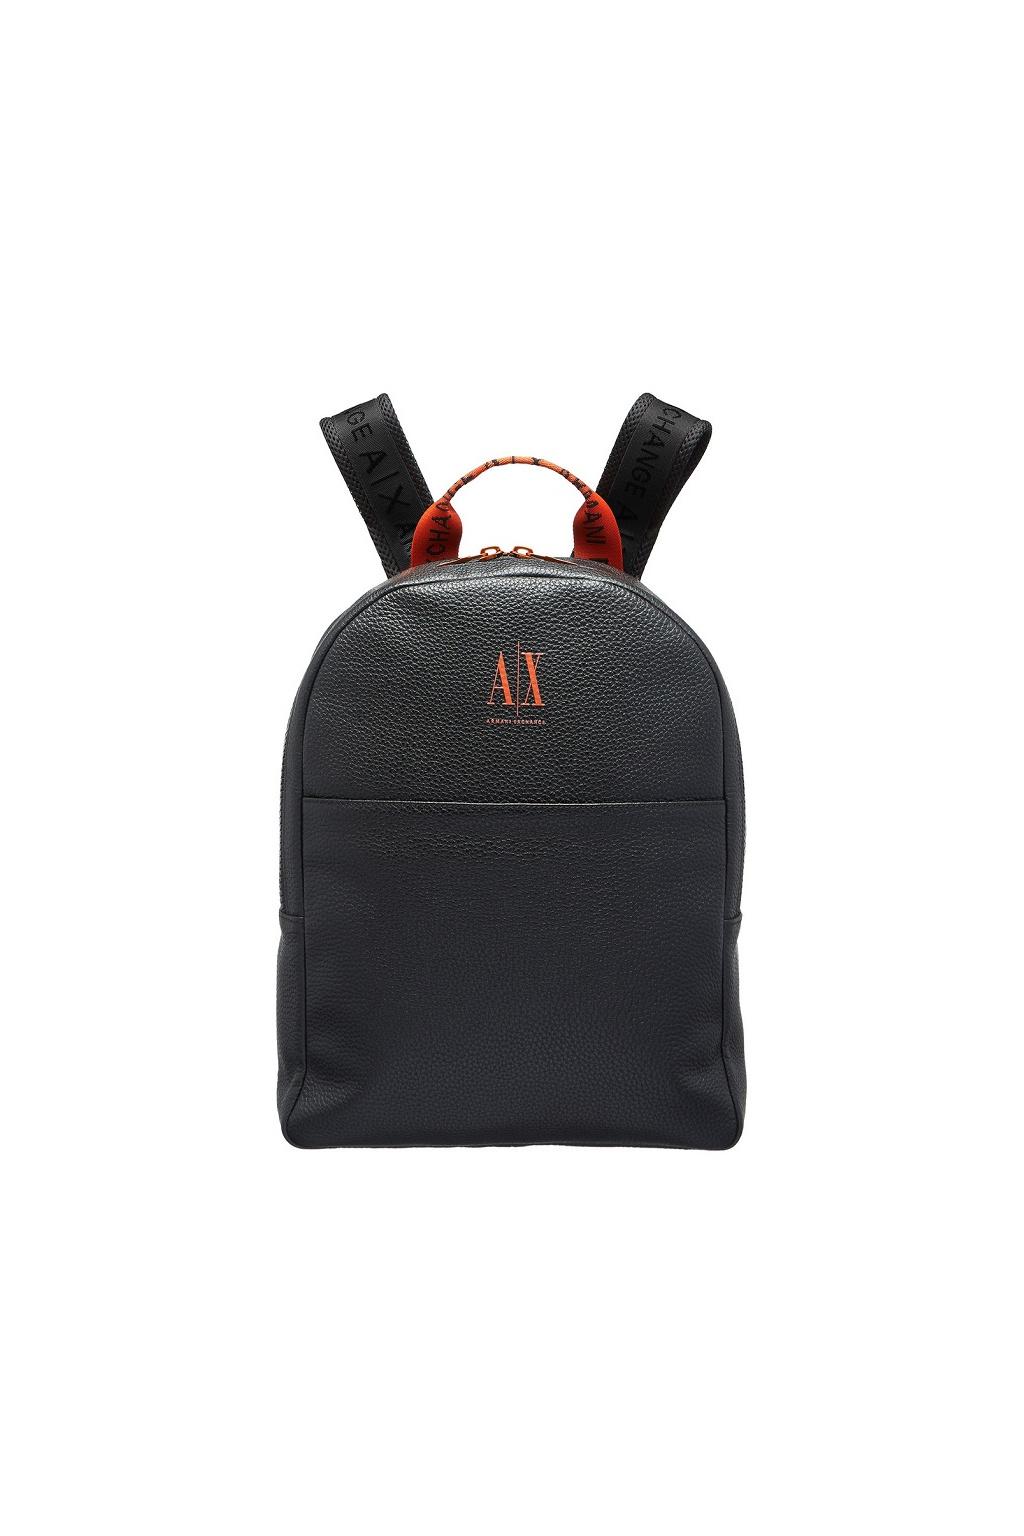 952287 0A867 Pánský batoh Armani Exchange černý